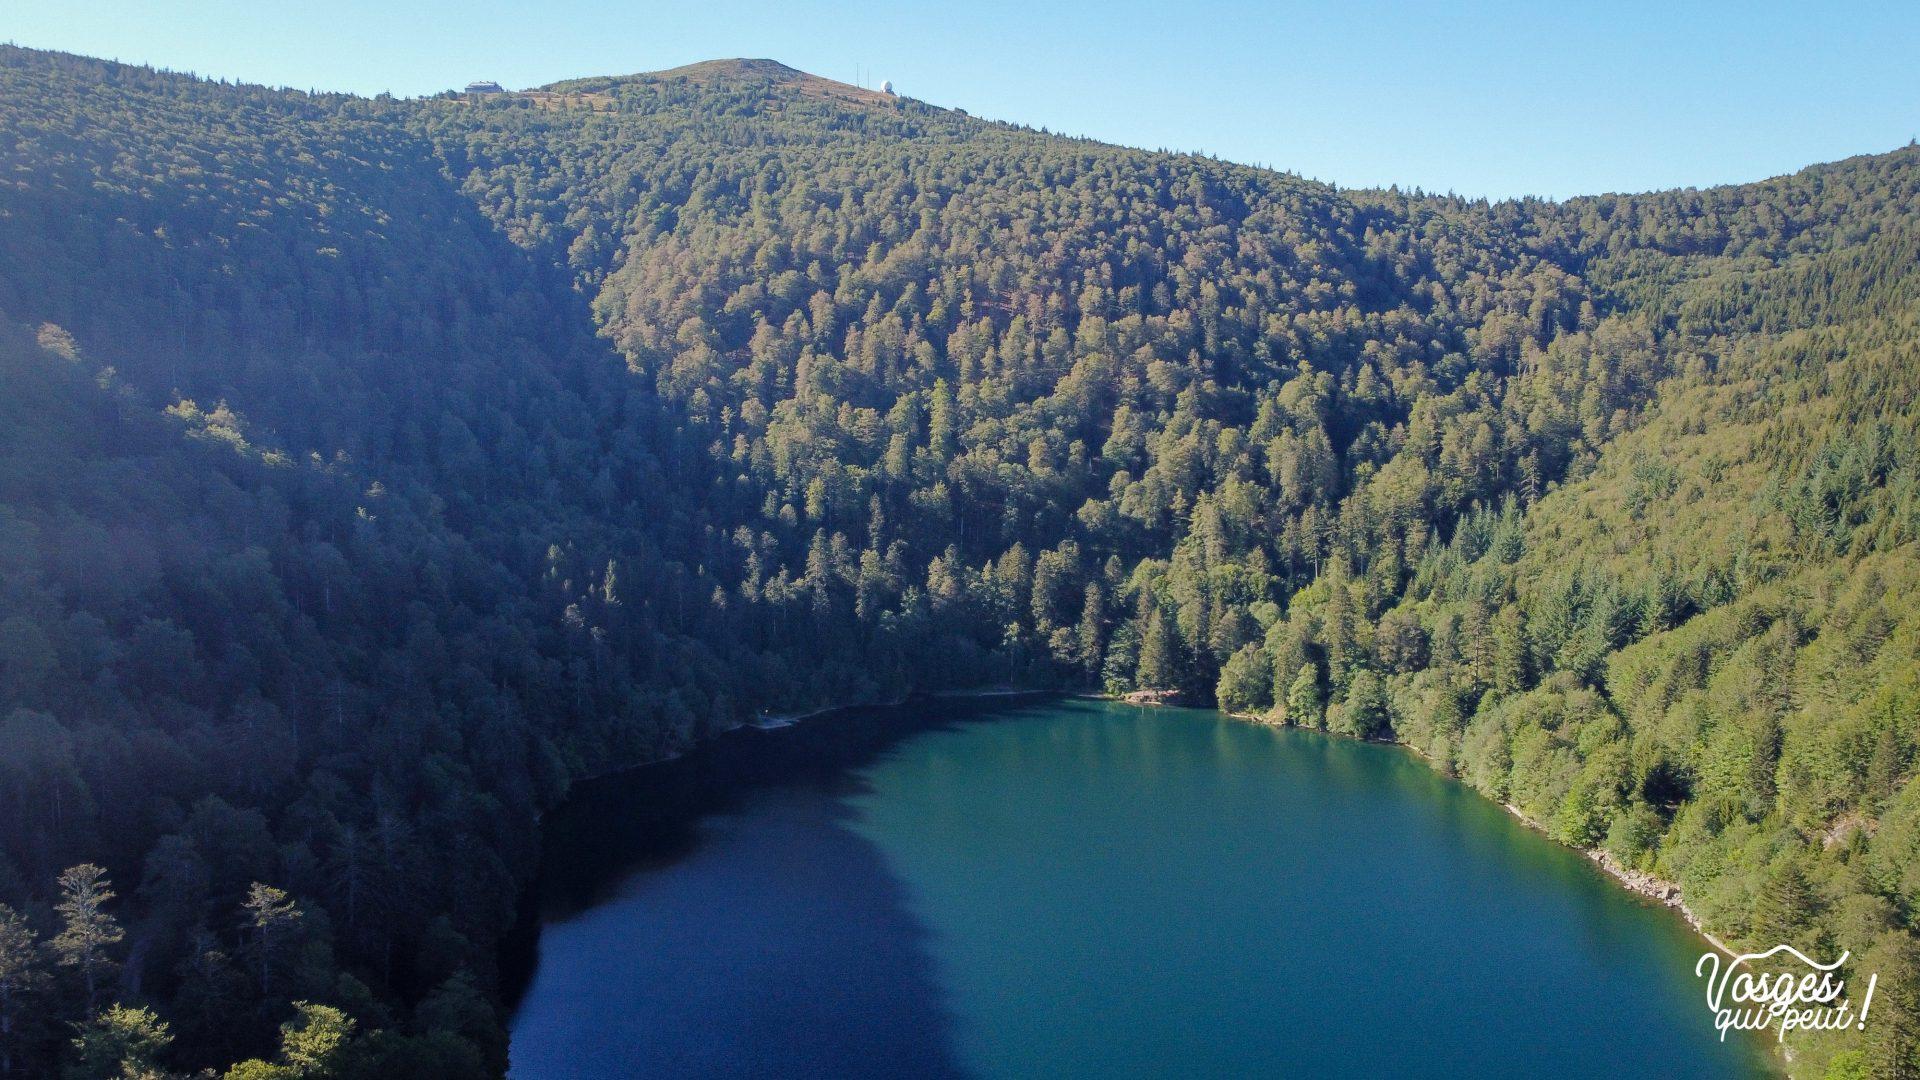 Vue aérienne du lac du Ballon au pied du Grand Ballon dans les Vosges